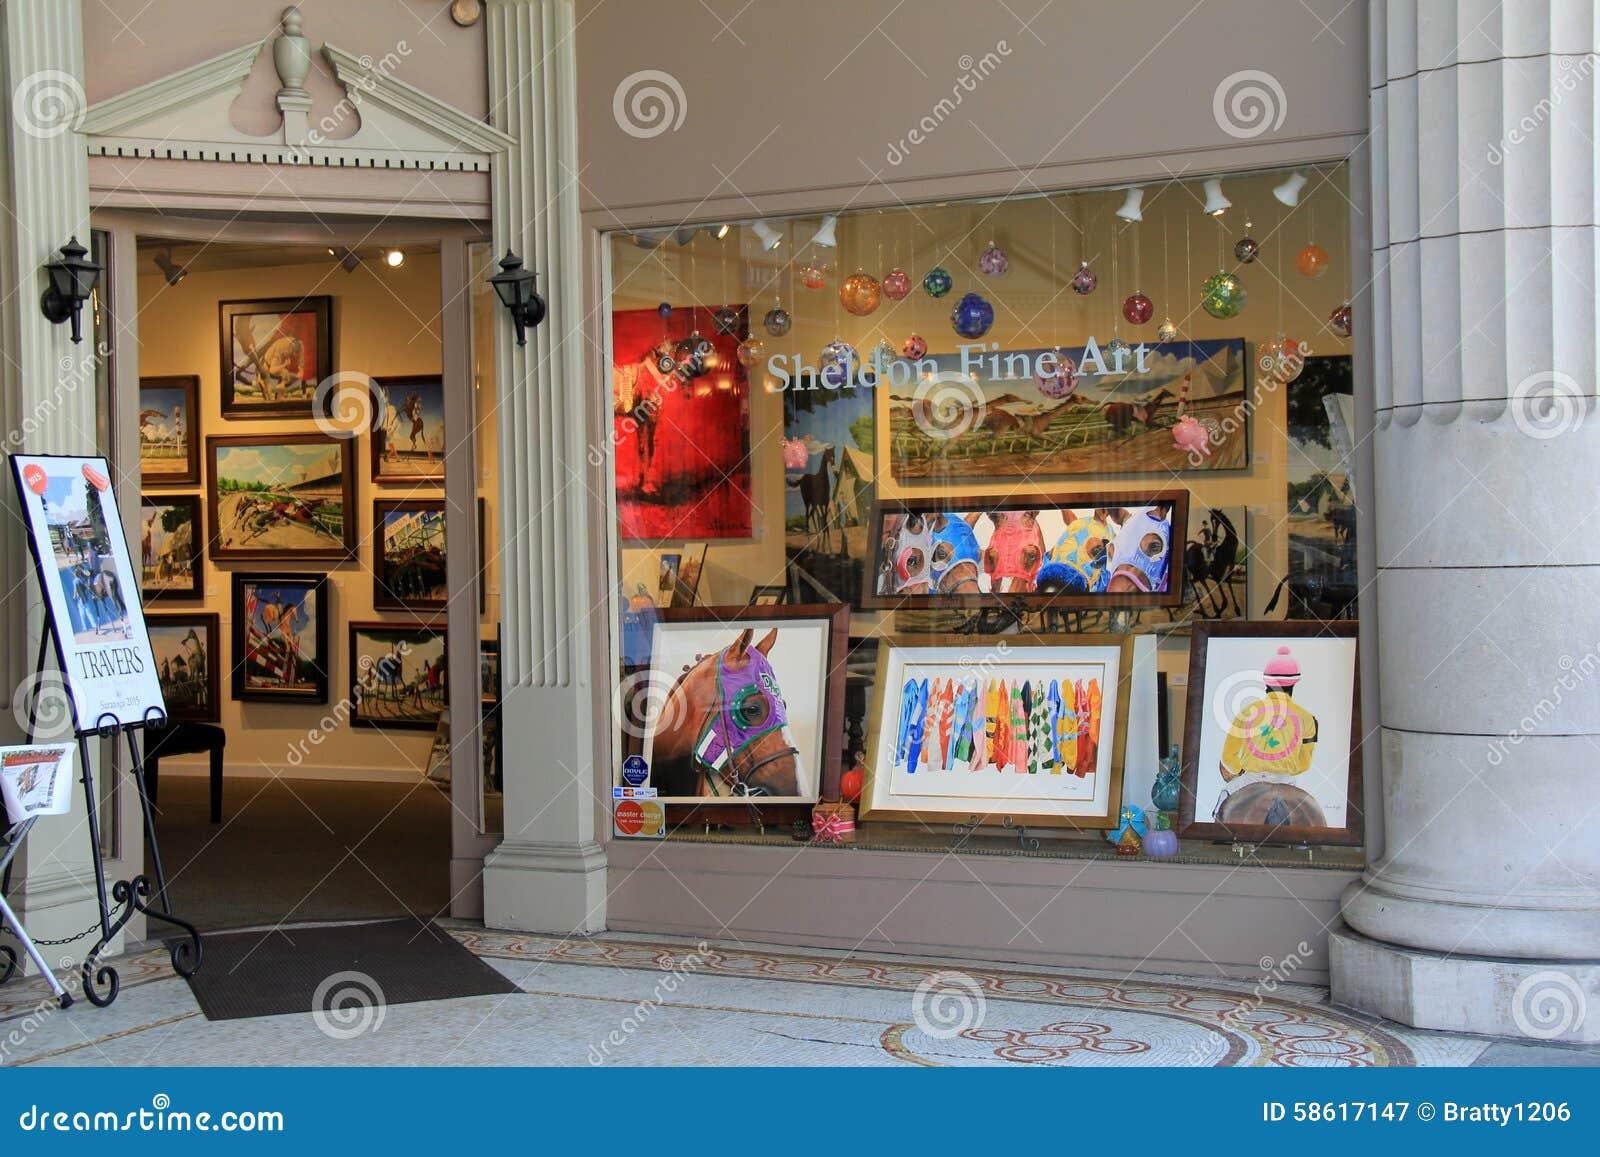 Sheldon fine art studio broadway saratoga springs new for A beautiful you at vesuvio salon studios